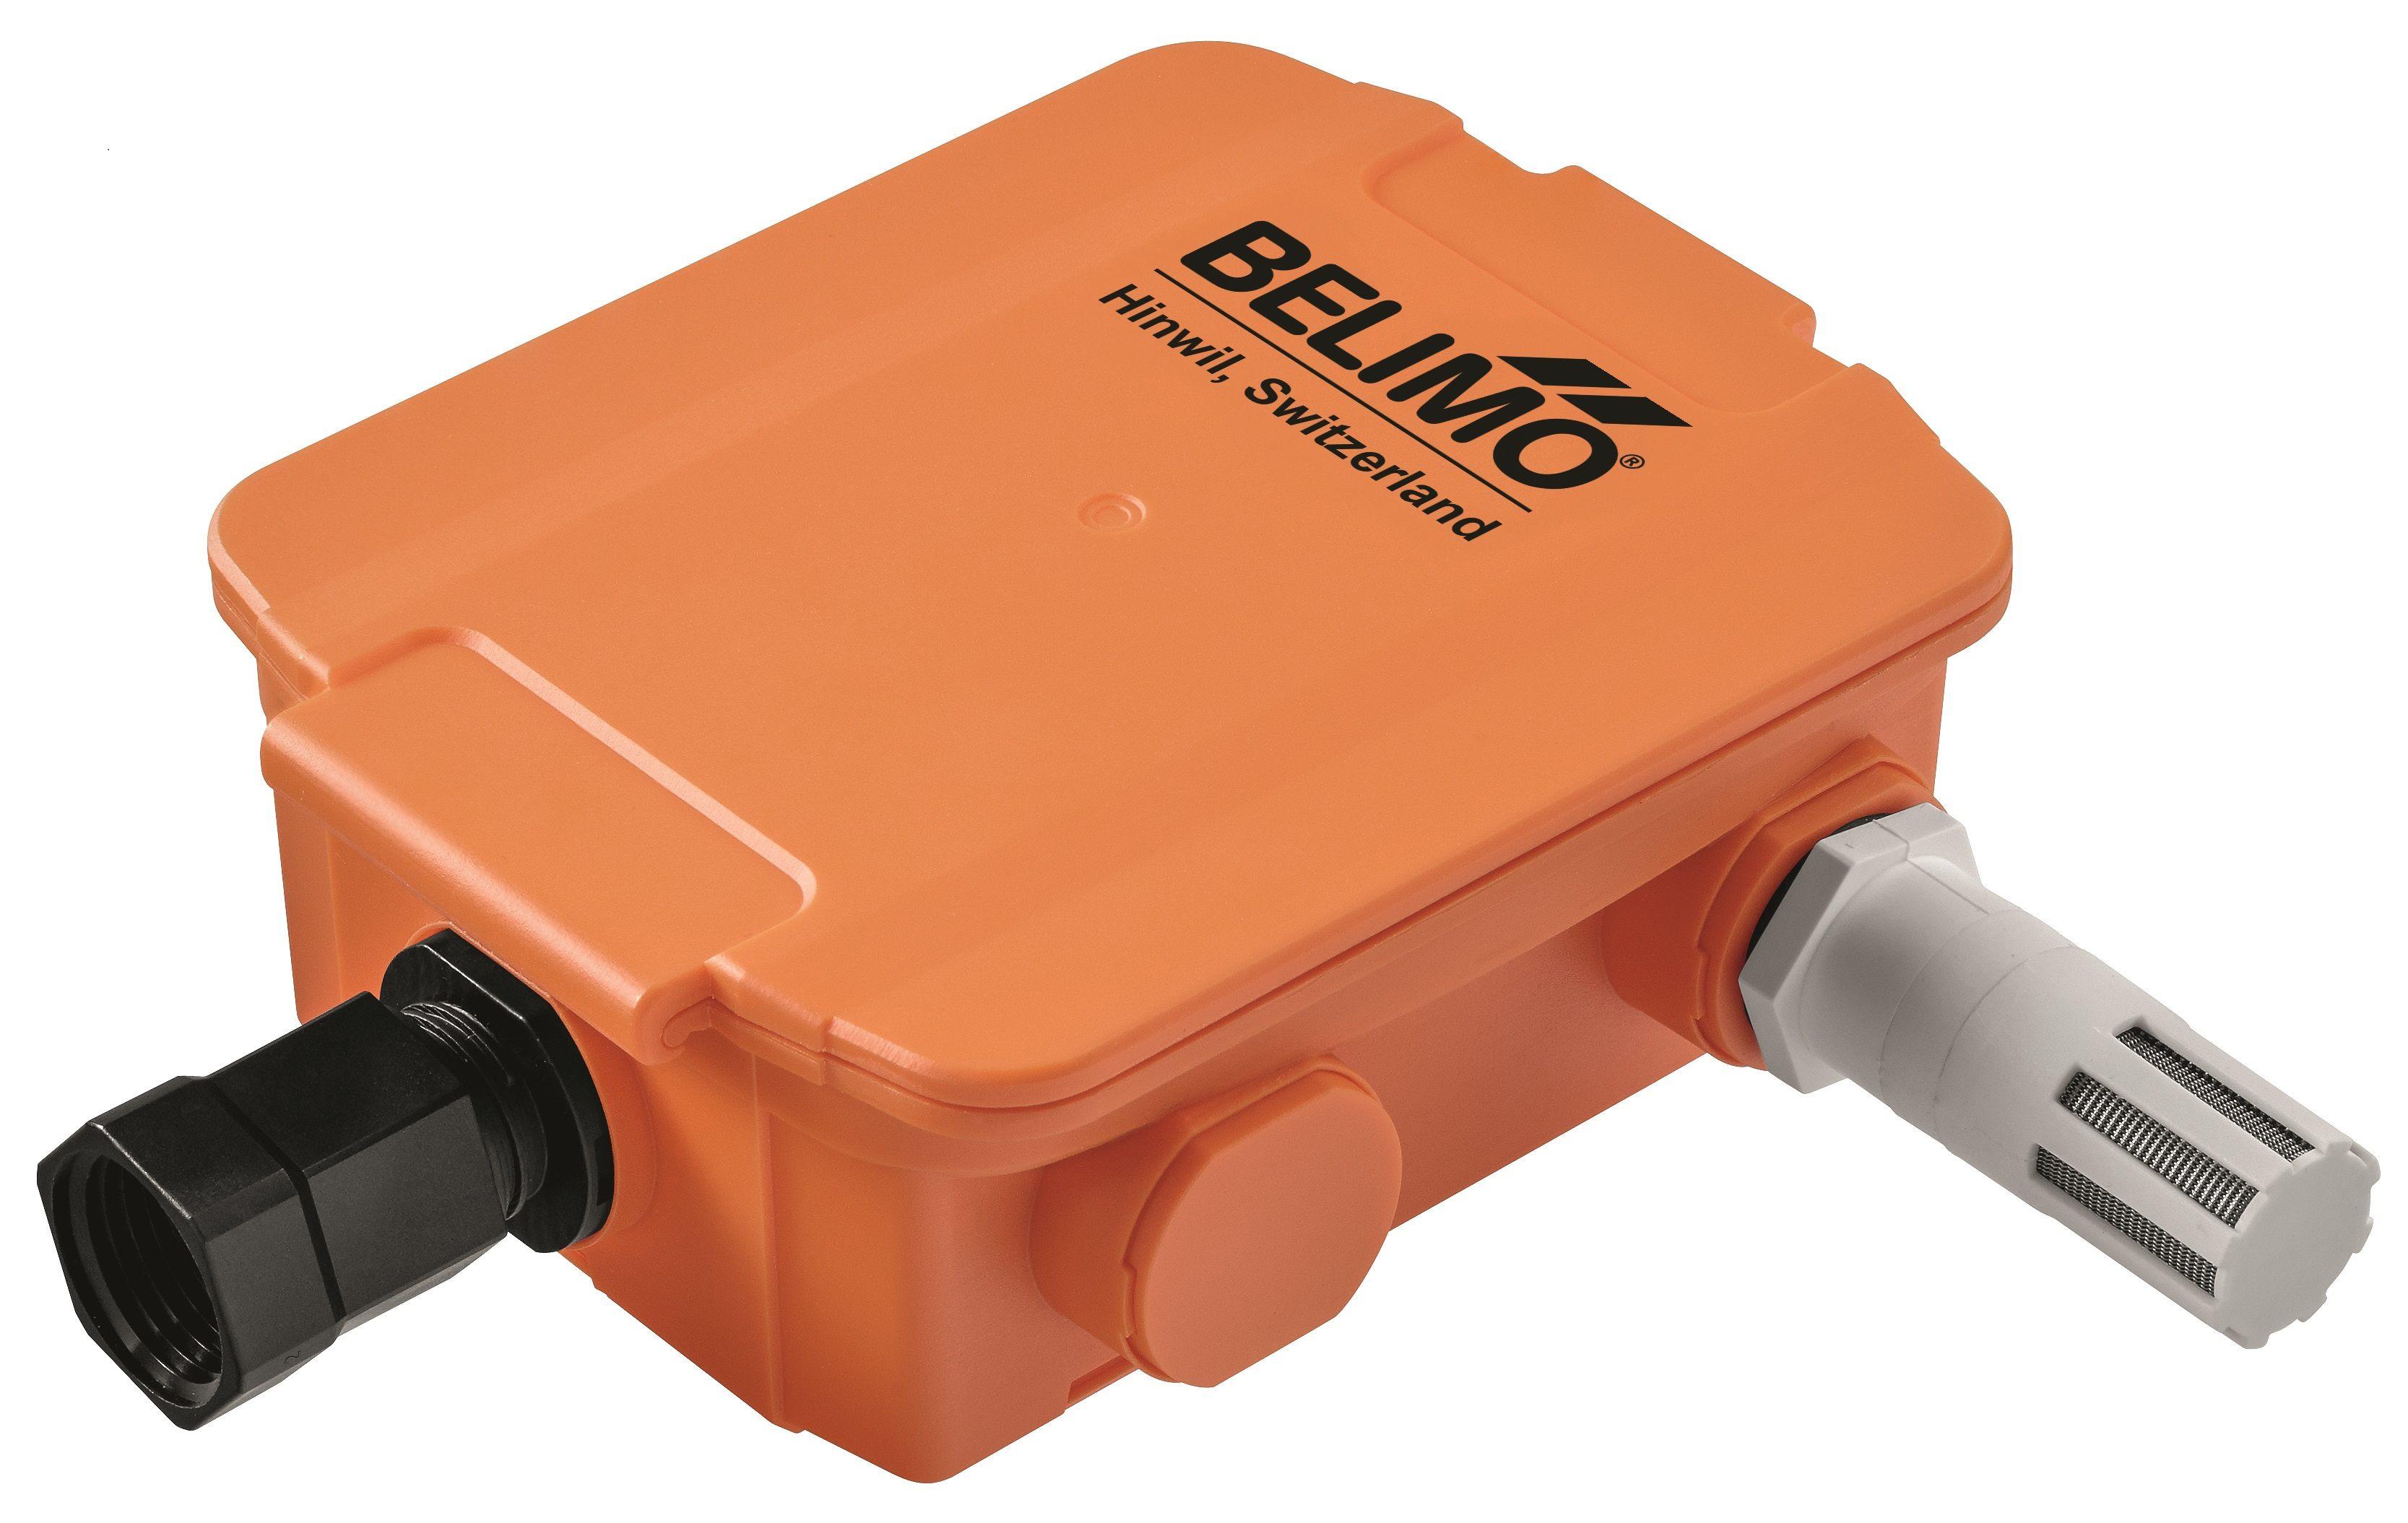 Belimo Belimo HVAC Sensors (2017) 22UTH-510B Sensors